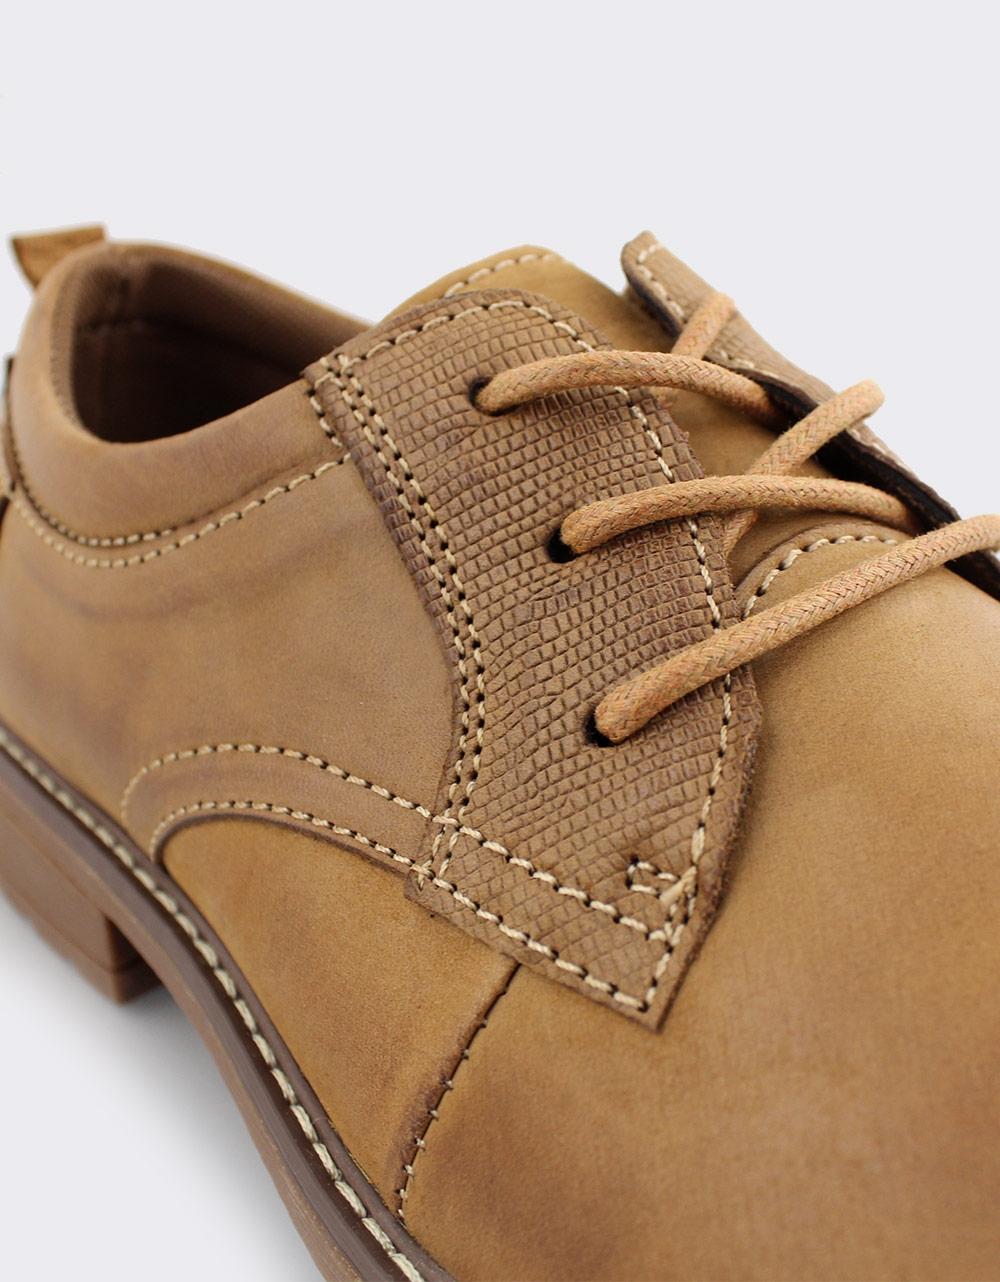 Εικόνα από Ανδρικά δερμάτινα loafers με ανάγλυφο σχέδιο Κάμελ